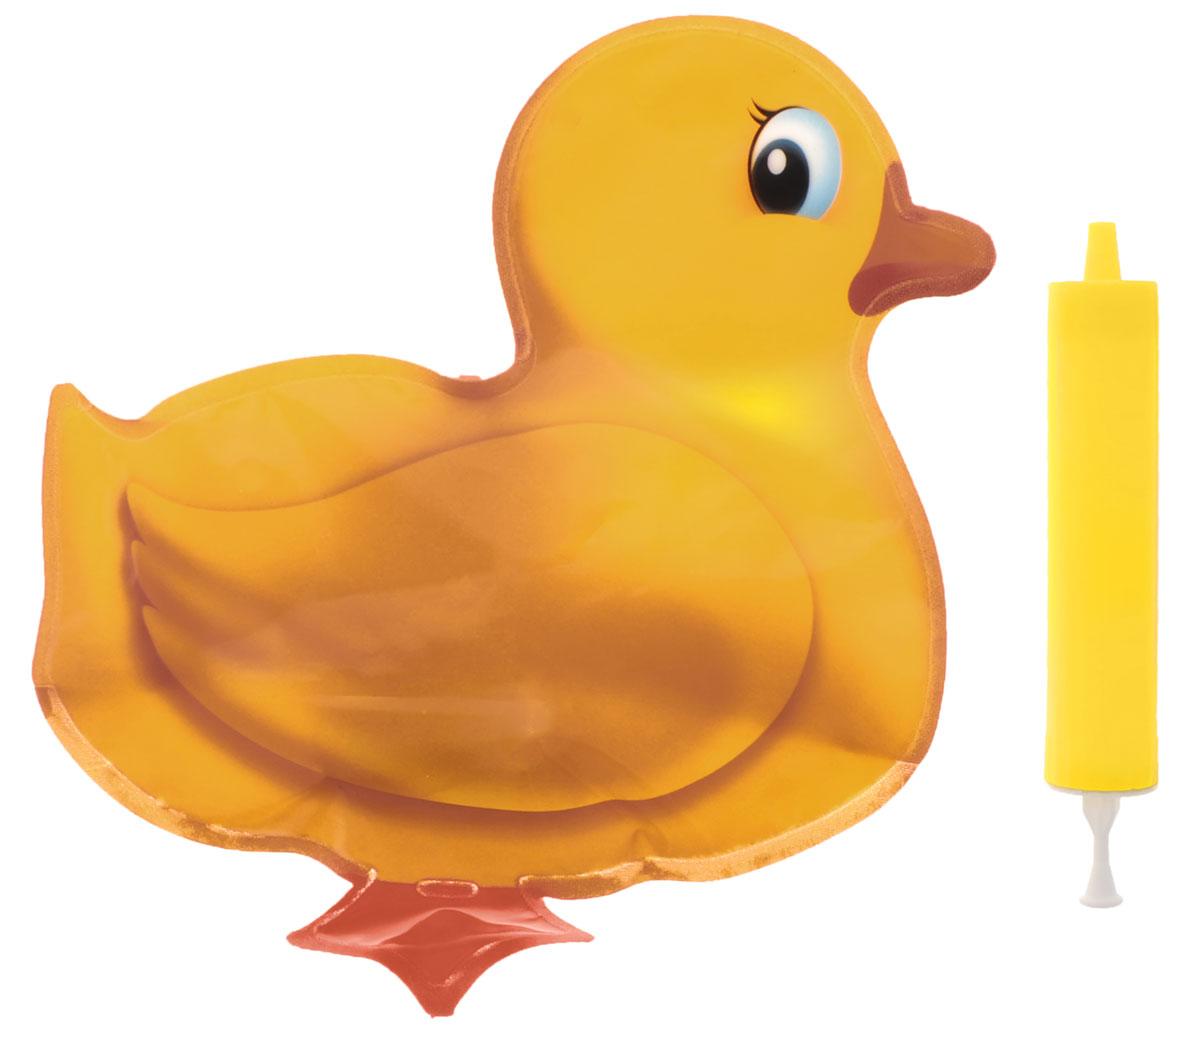 Mommy Love Развивающая игрушка Заводные зверята УточкаQQ131_уточкаРазвивающая игрушка Mommy Love Заводные зверята: Уточка приведет в восторг вашего малыша. Игрушка выполнена из высококачественного и безопасного материала в виде милой уточки. Для игры уточку необходимо надуть с помощью насоса (входит в комплект), завести механизм и опустить на воду - уточка поплывет! Игрушка способствует развитию моторных, логических навыков и визуального восприятия малыша. Порадуйте ребенка таким замечательным подарком!